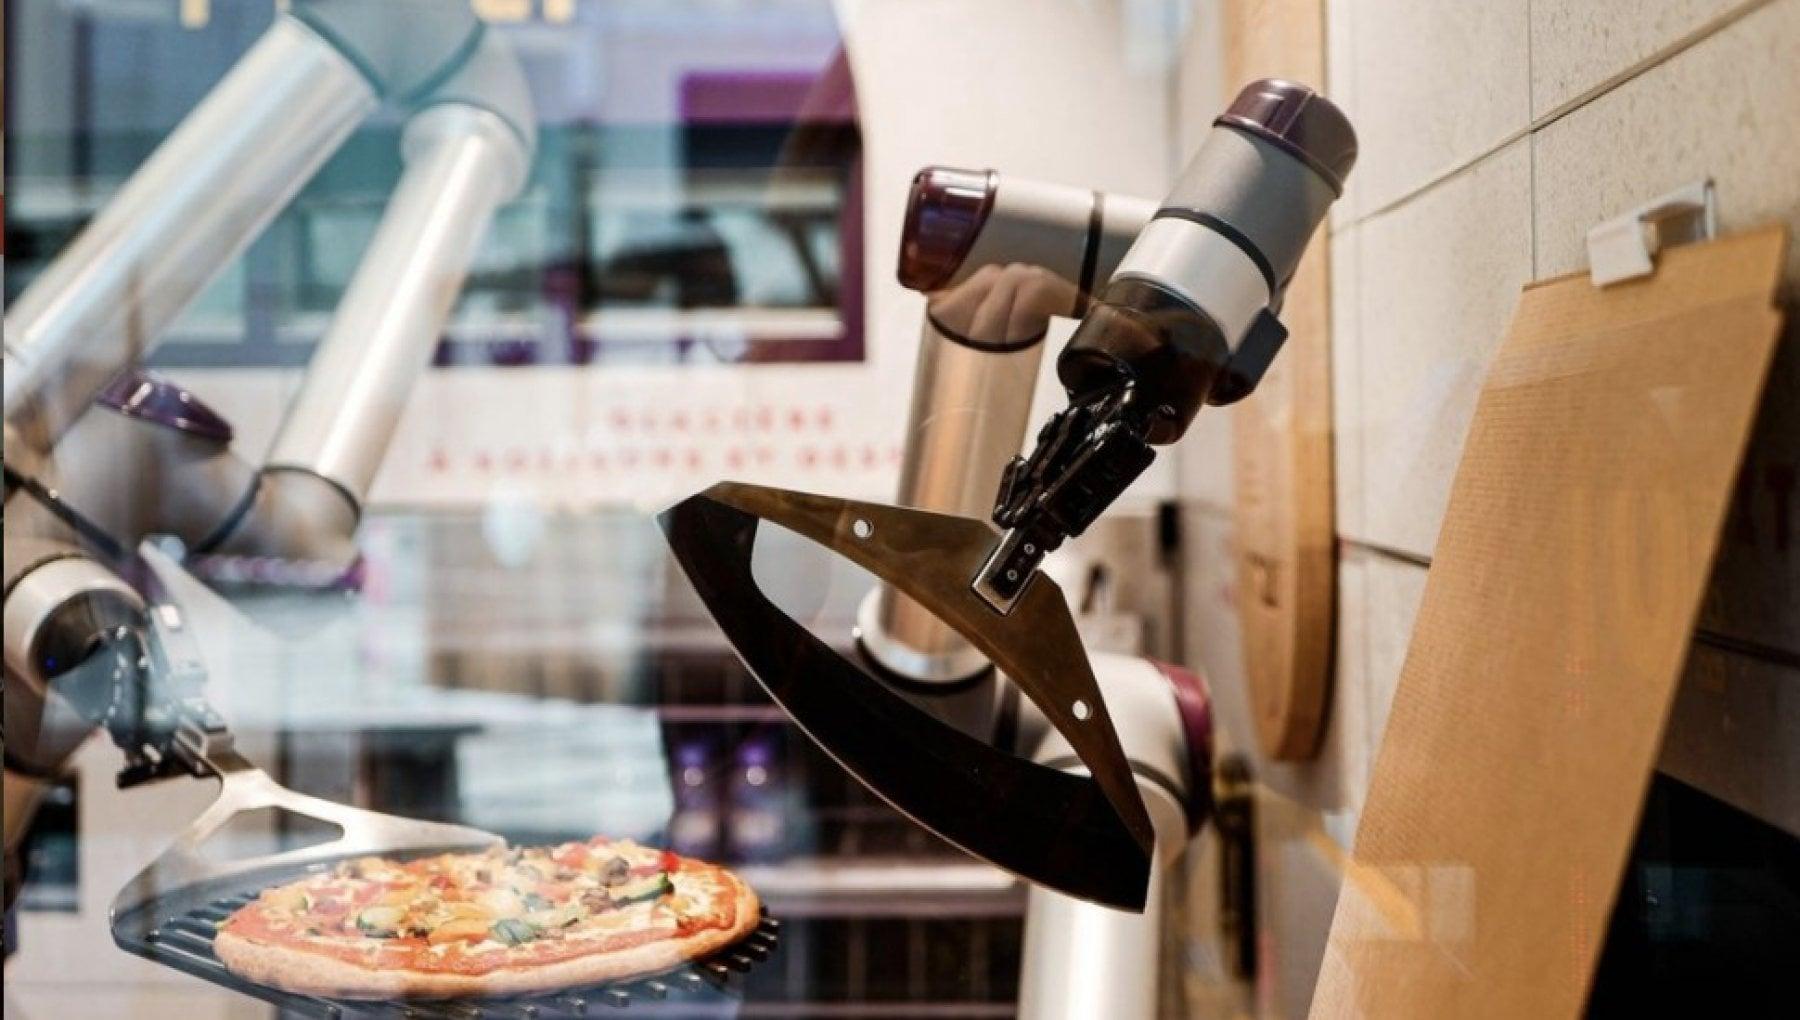 A Parigi la pizzeria senza pizzaiolo: a impastare e infornare ci pensano i robot